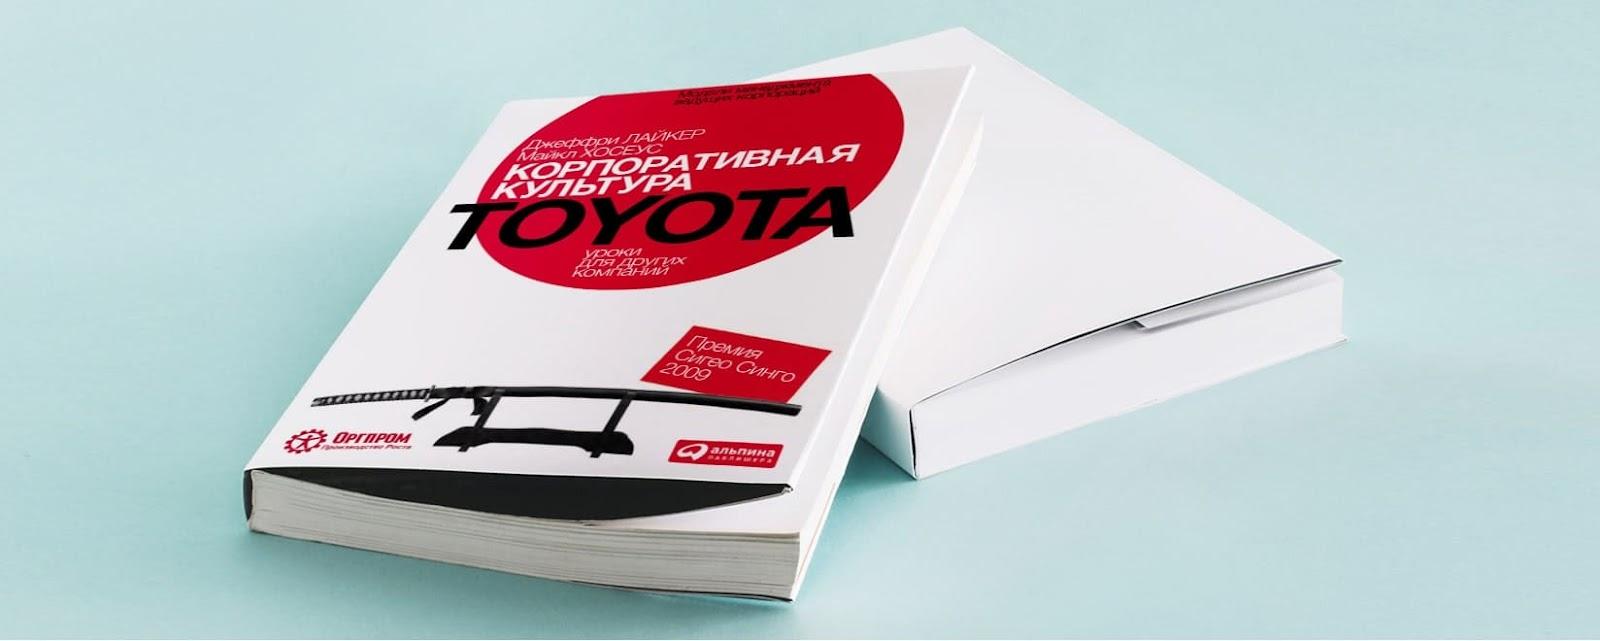 Hurma Blog: Корпоративная культура Toyota: уроки для других компаний